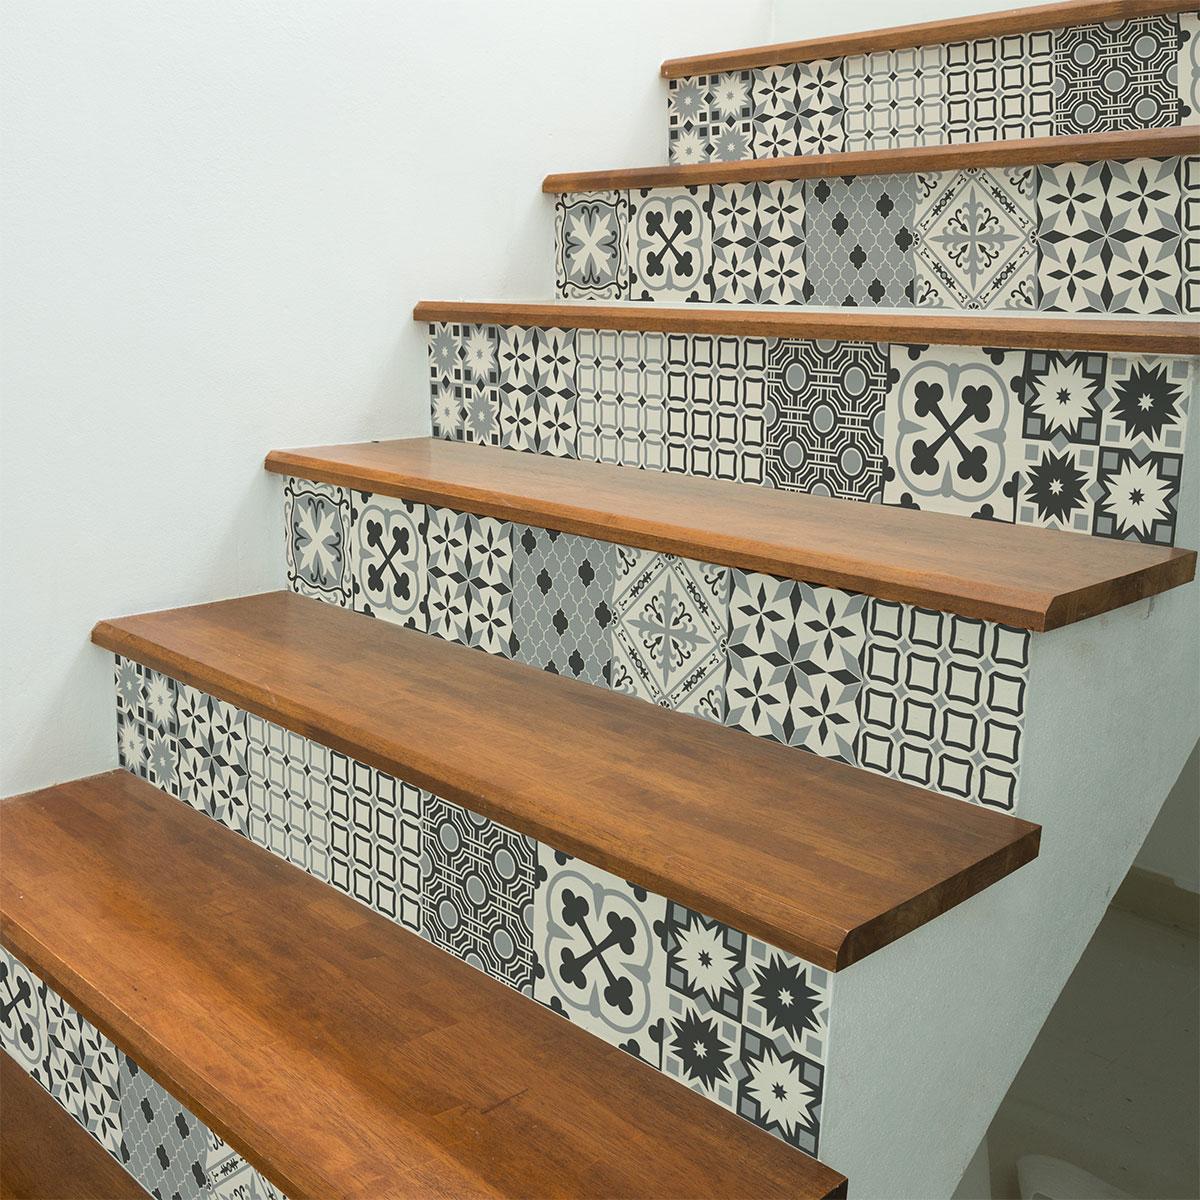 Stickers escalier carreaux de ciment gerta x 2 ambiance - Escalier carreaux de ciment ...